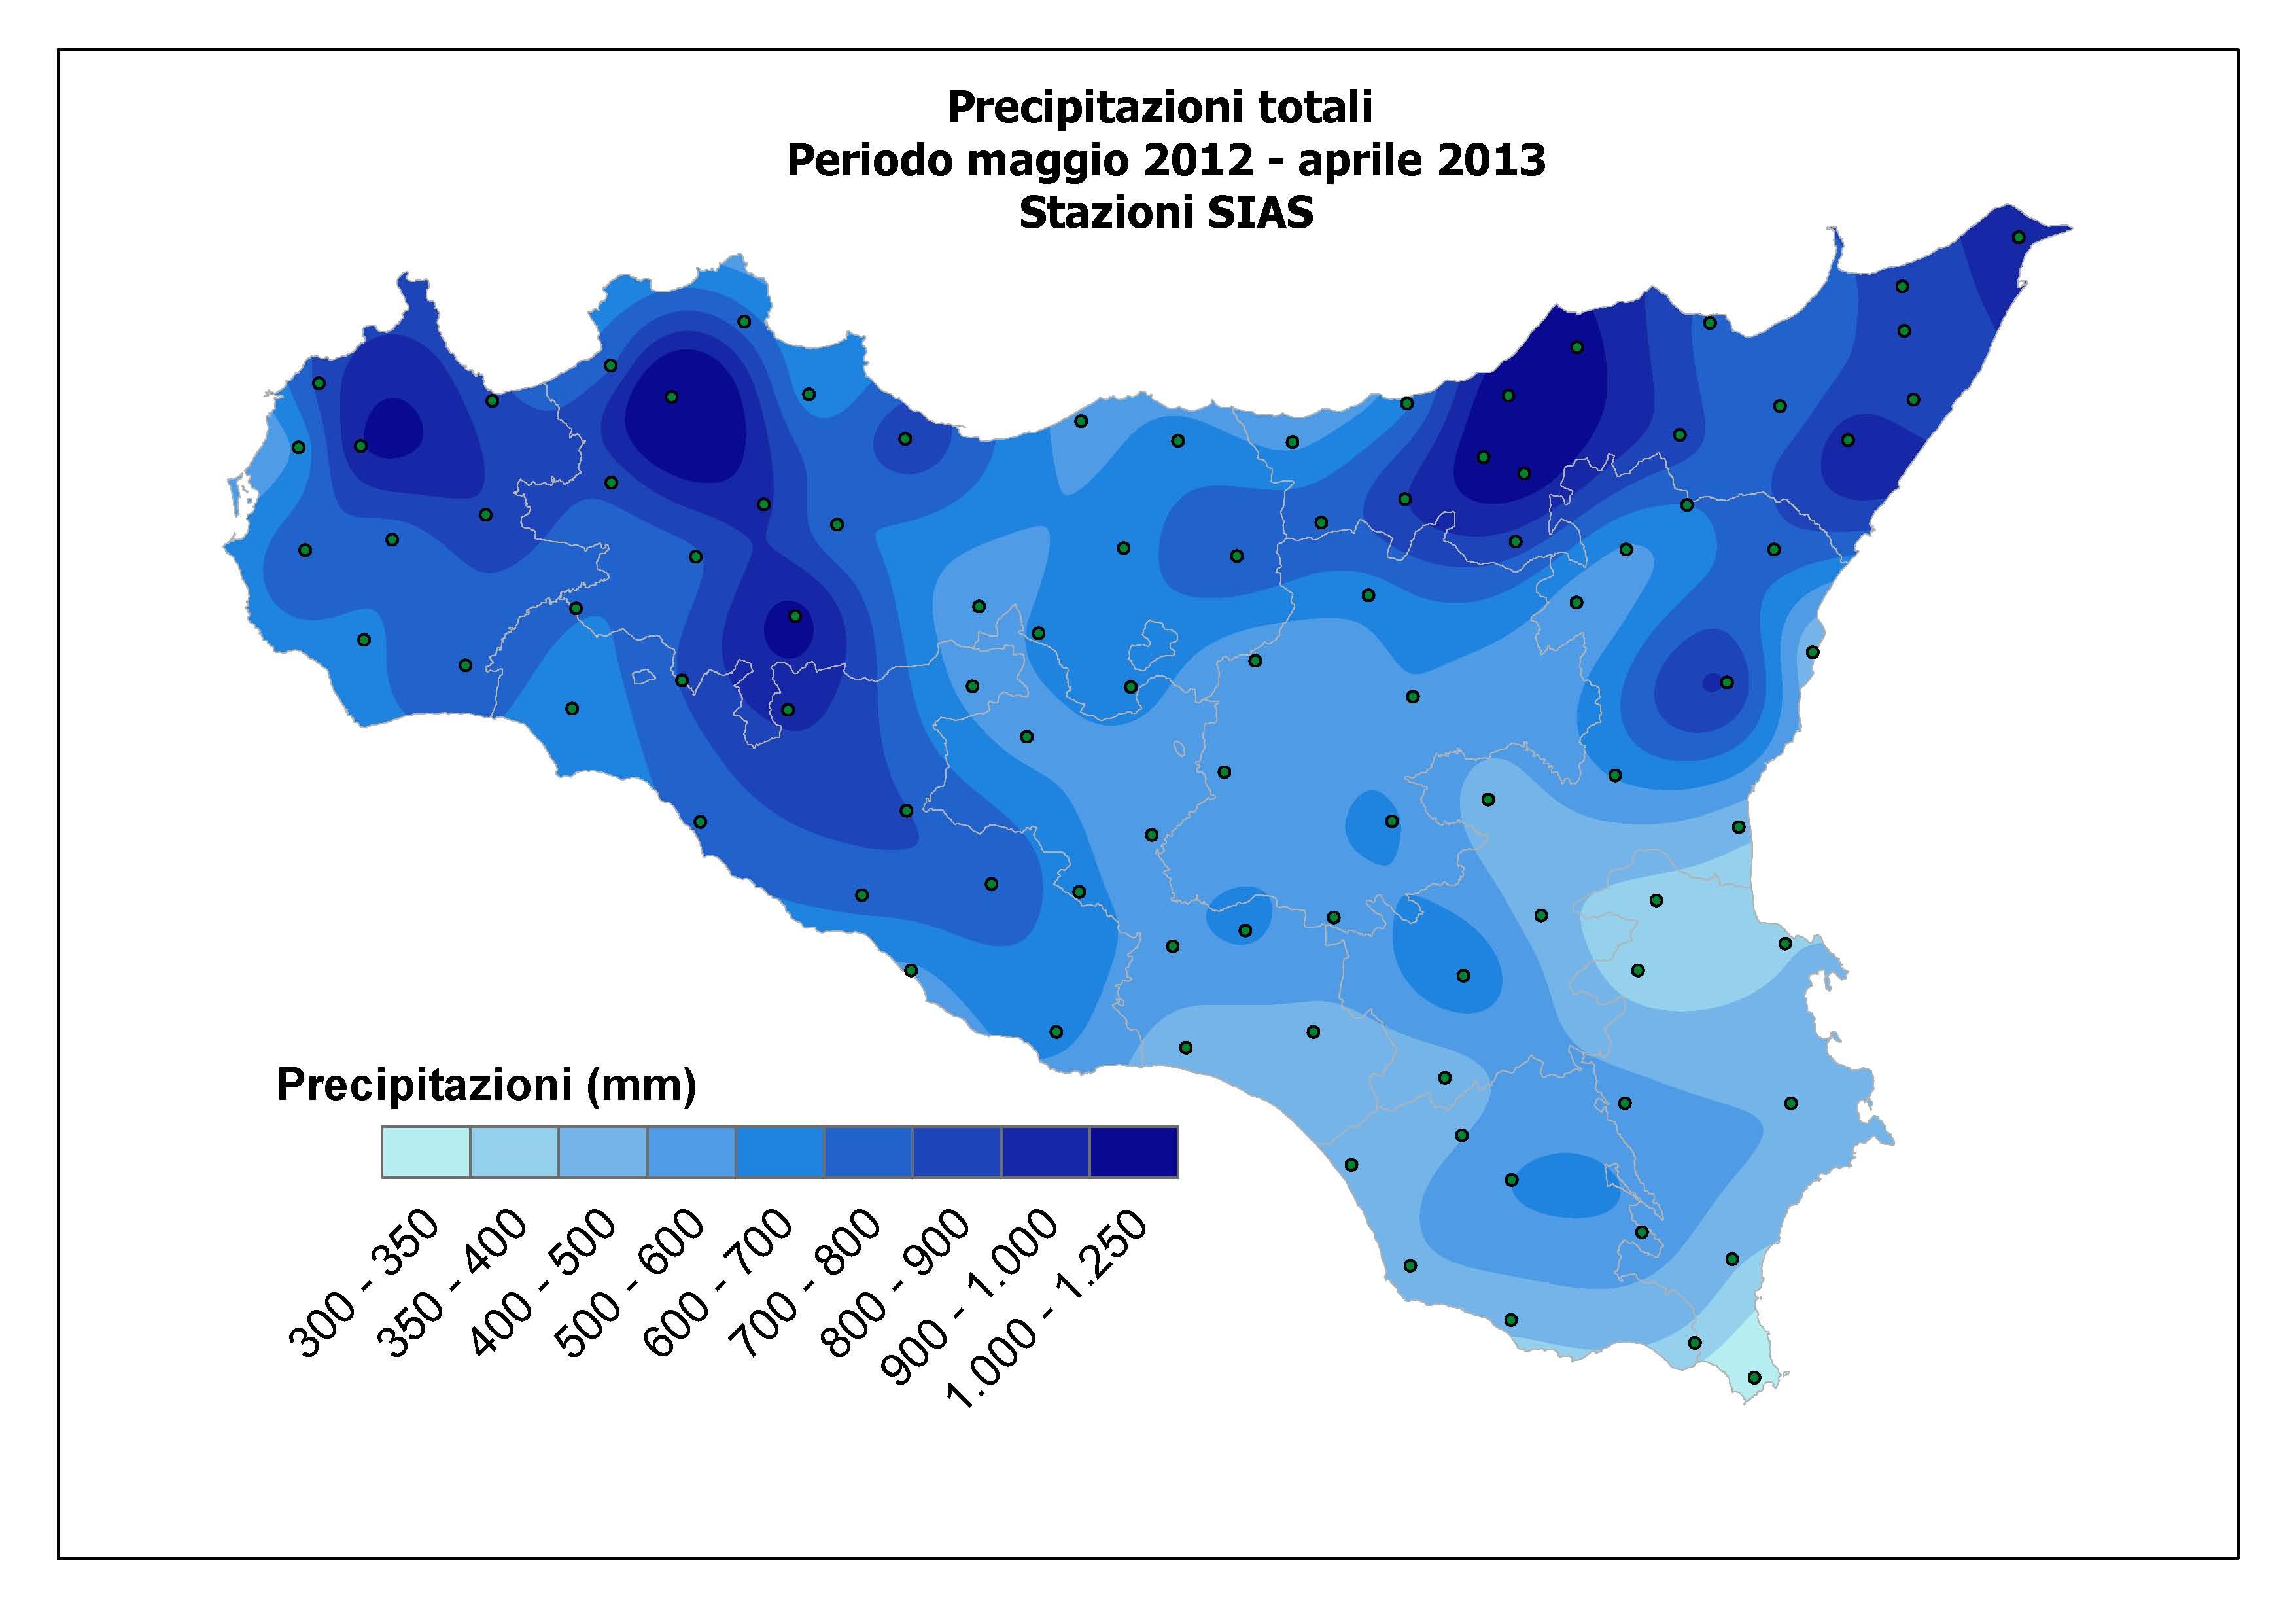 La grande siccit in atto nella sicilia orientale mappe e dati pmag apr2013 thecheapjerseys Images